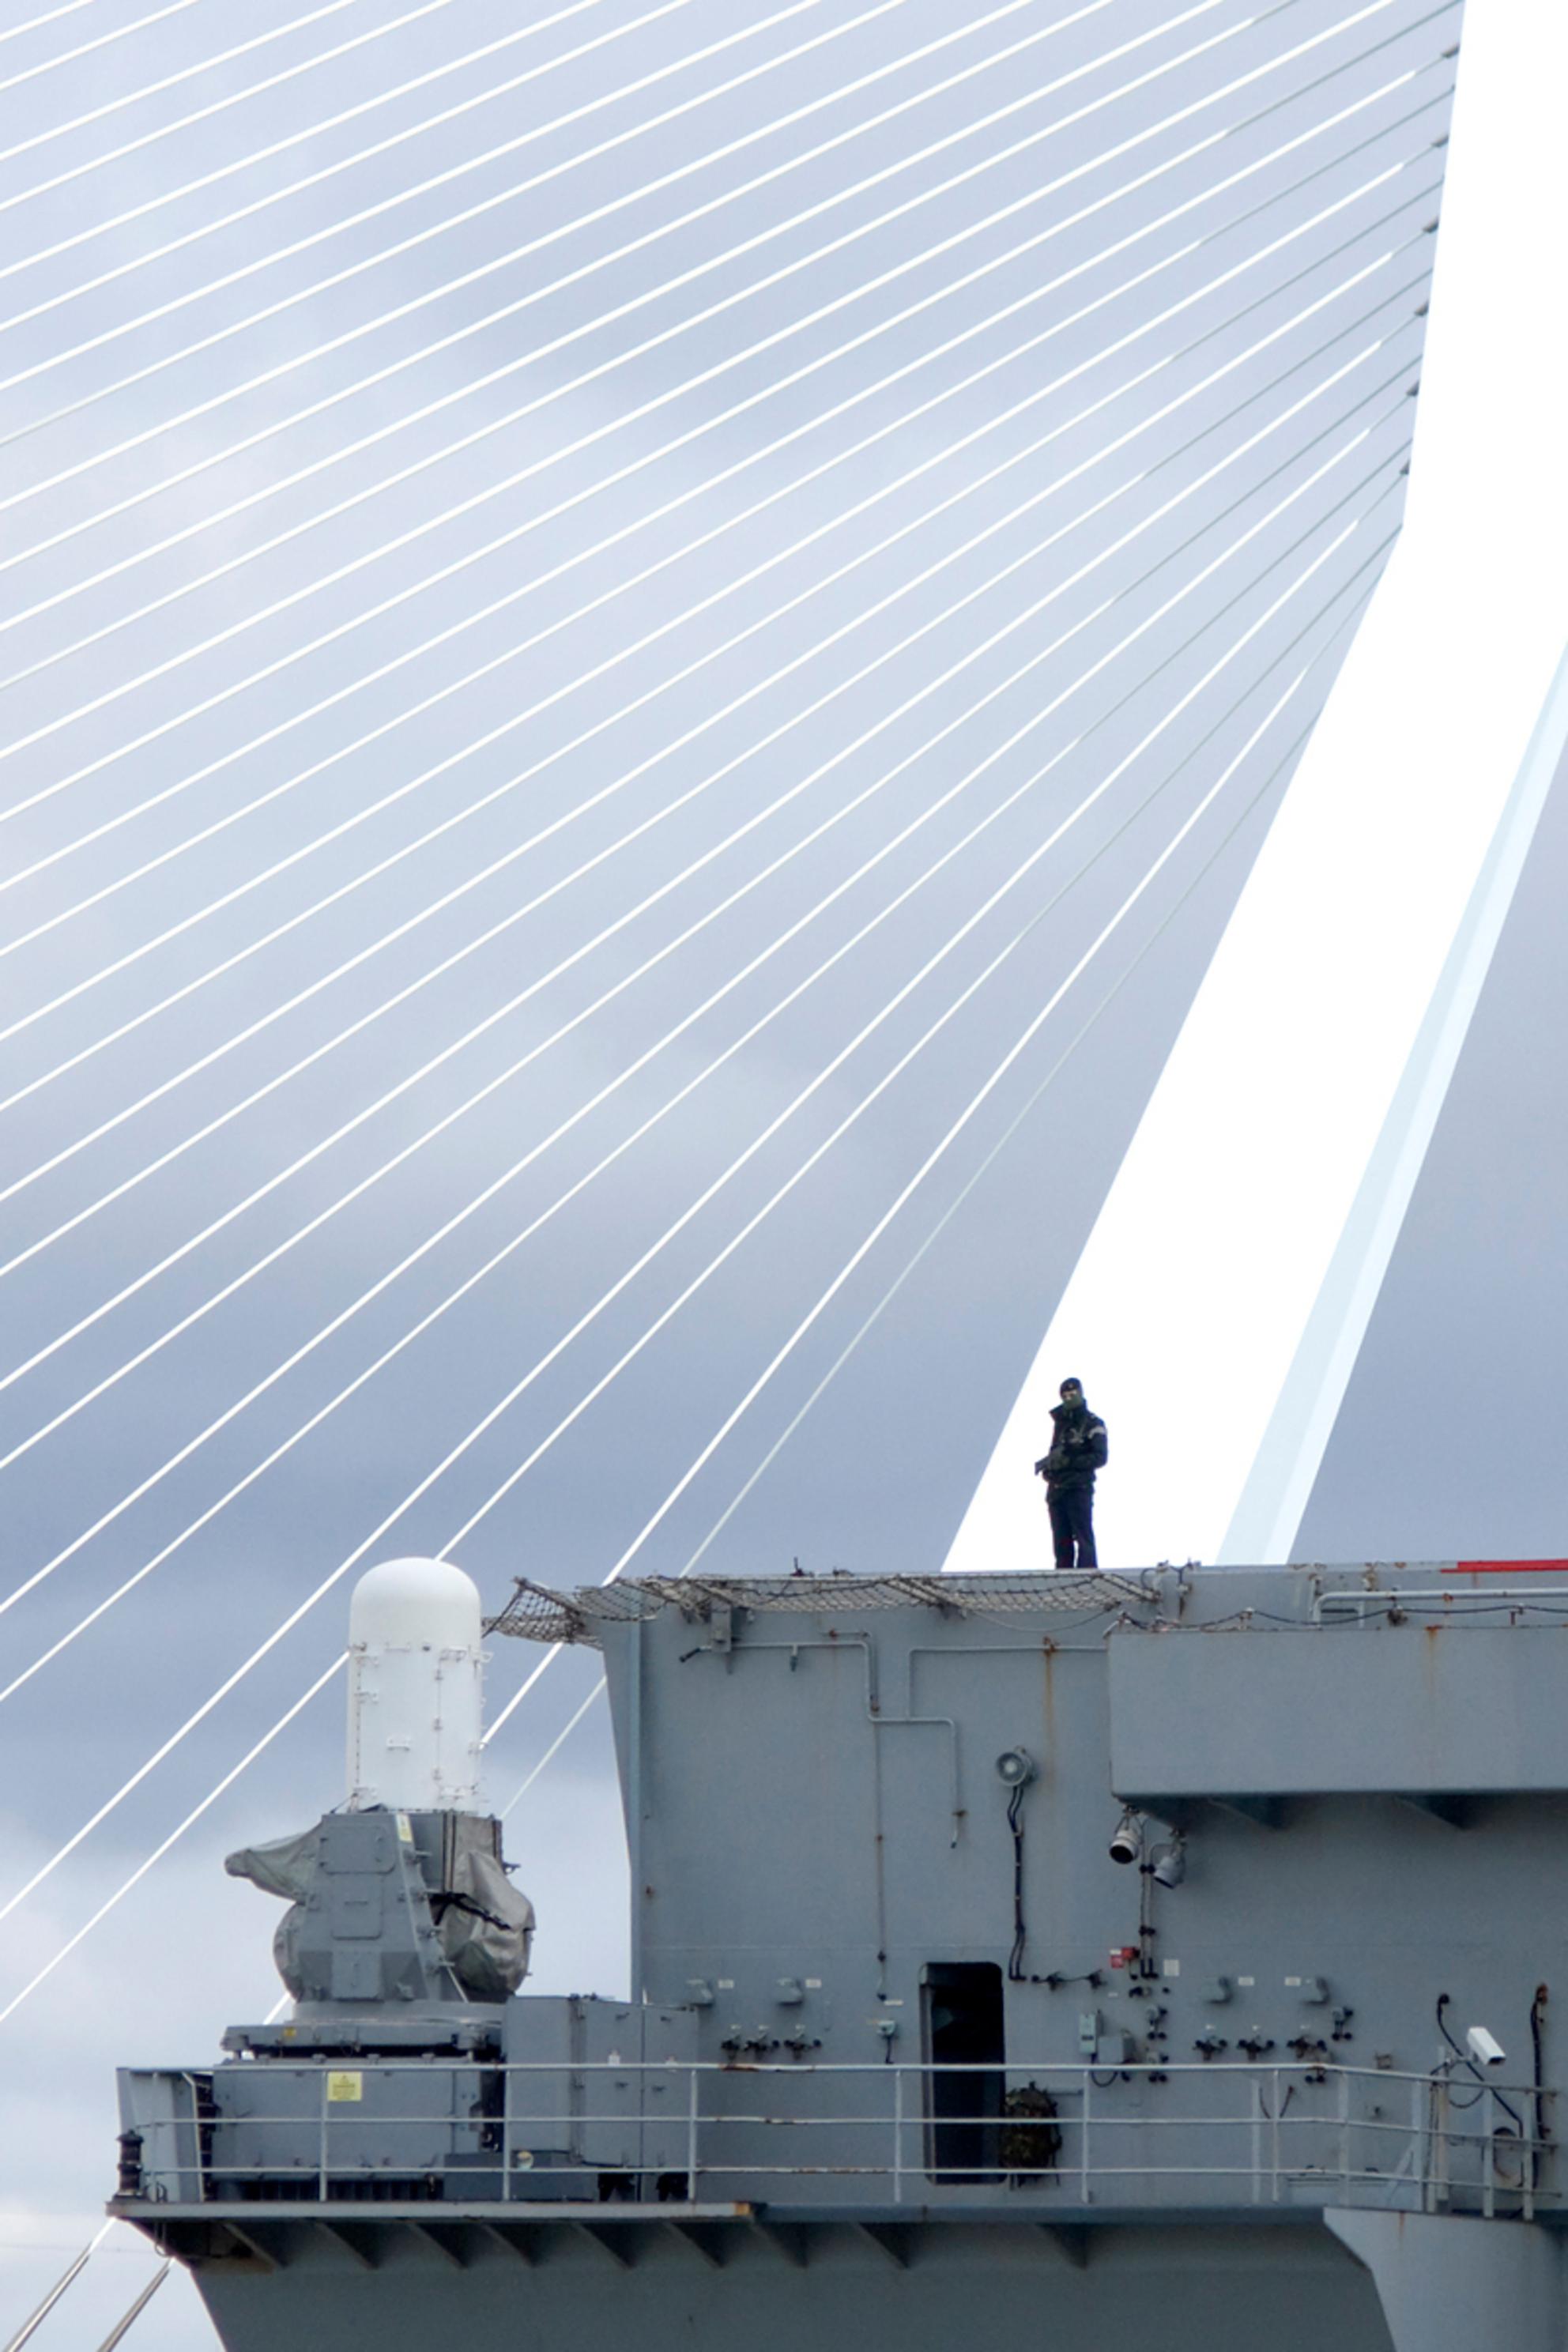 Under Siege - Groeten uit Rotterdam... - foto door alphaz op 15-04-2012 - deze foto bevat: rotterdam, erasmusbrug, marine, bewaking - Deze foto mag gebruikt worden in een Zoom.nl publicatie